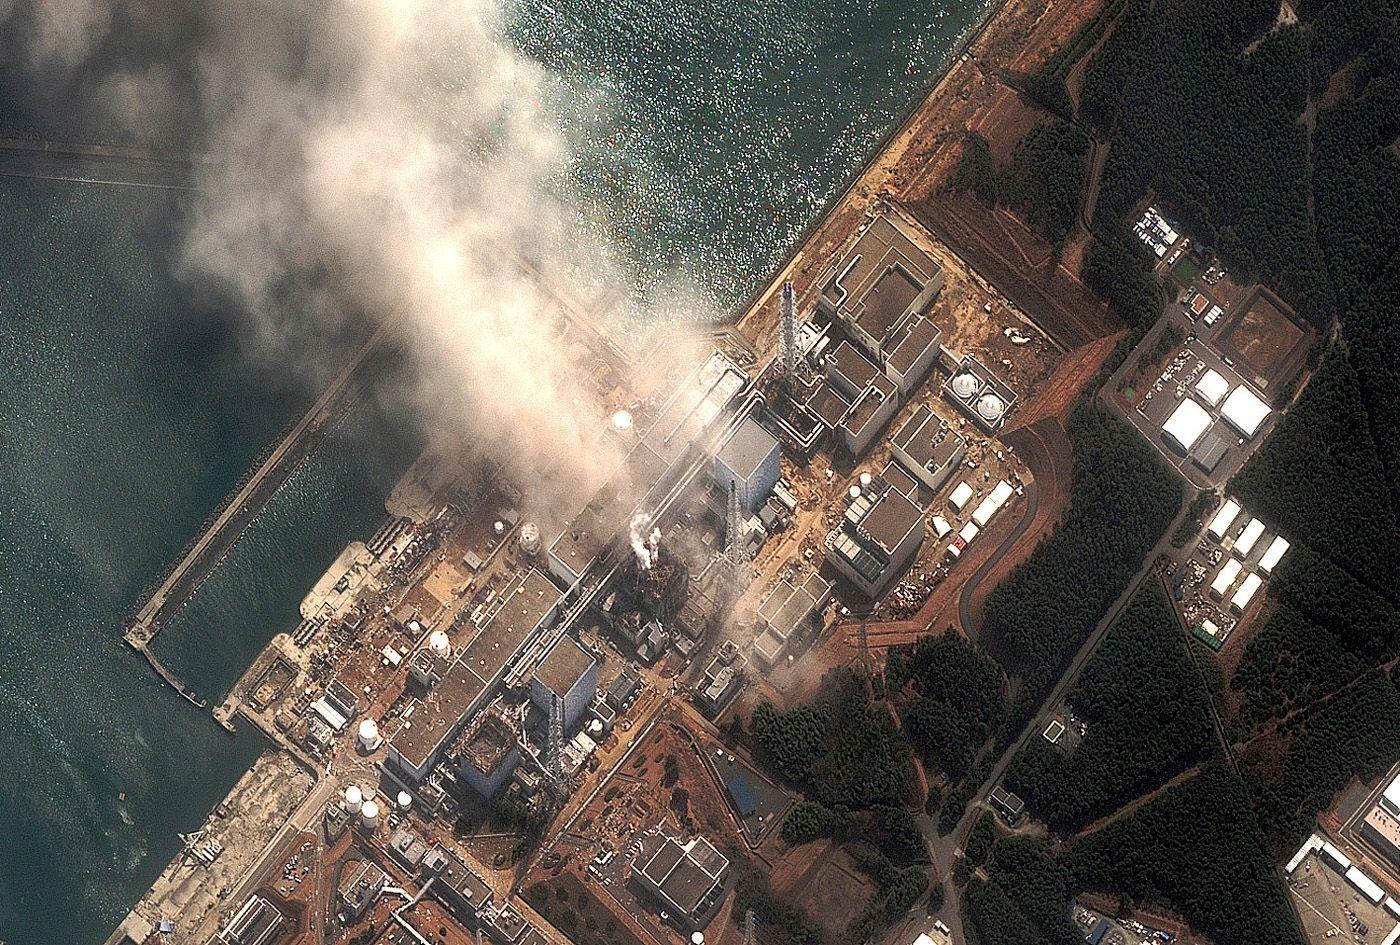 Le système de refroidissement des piscines contenant du combustible nucléaire usé était tombé en panne sur trois réacteurs de la centrale de Fukushima.